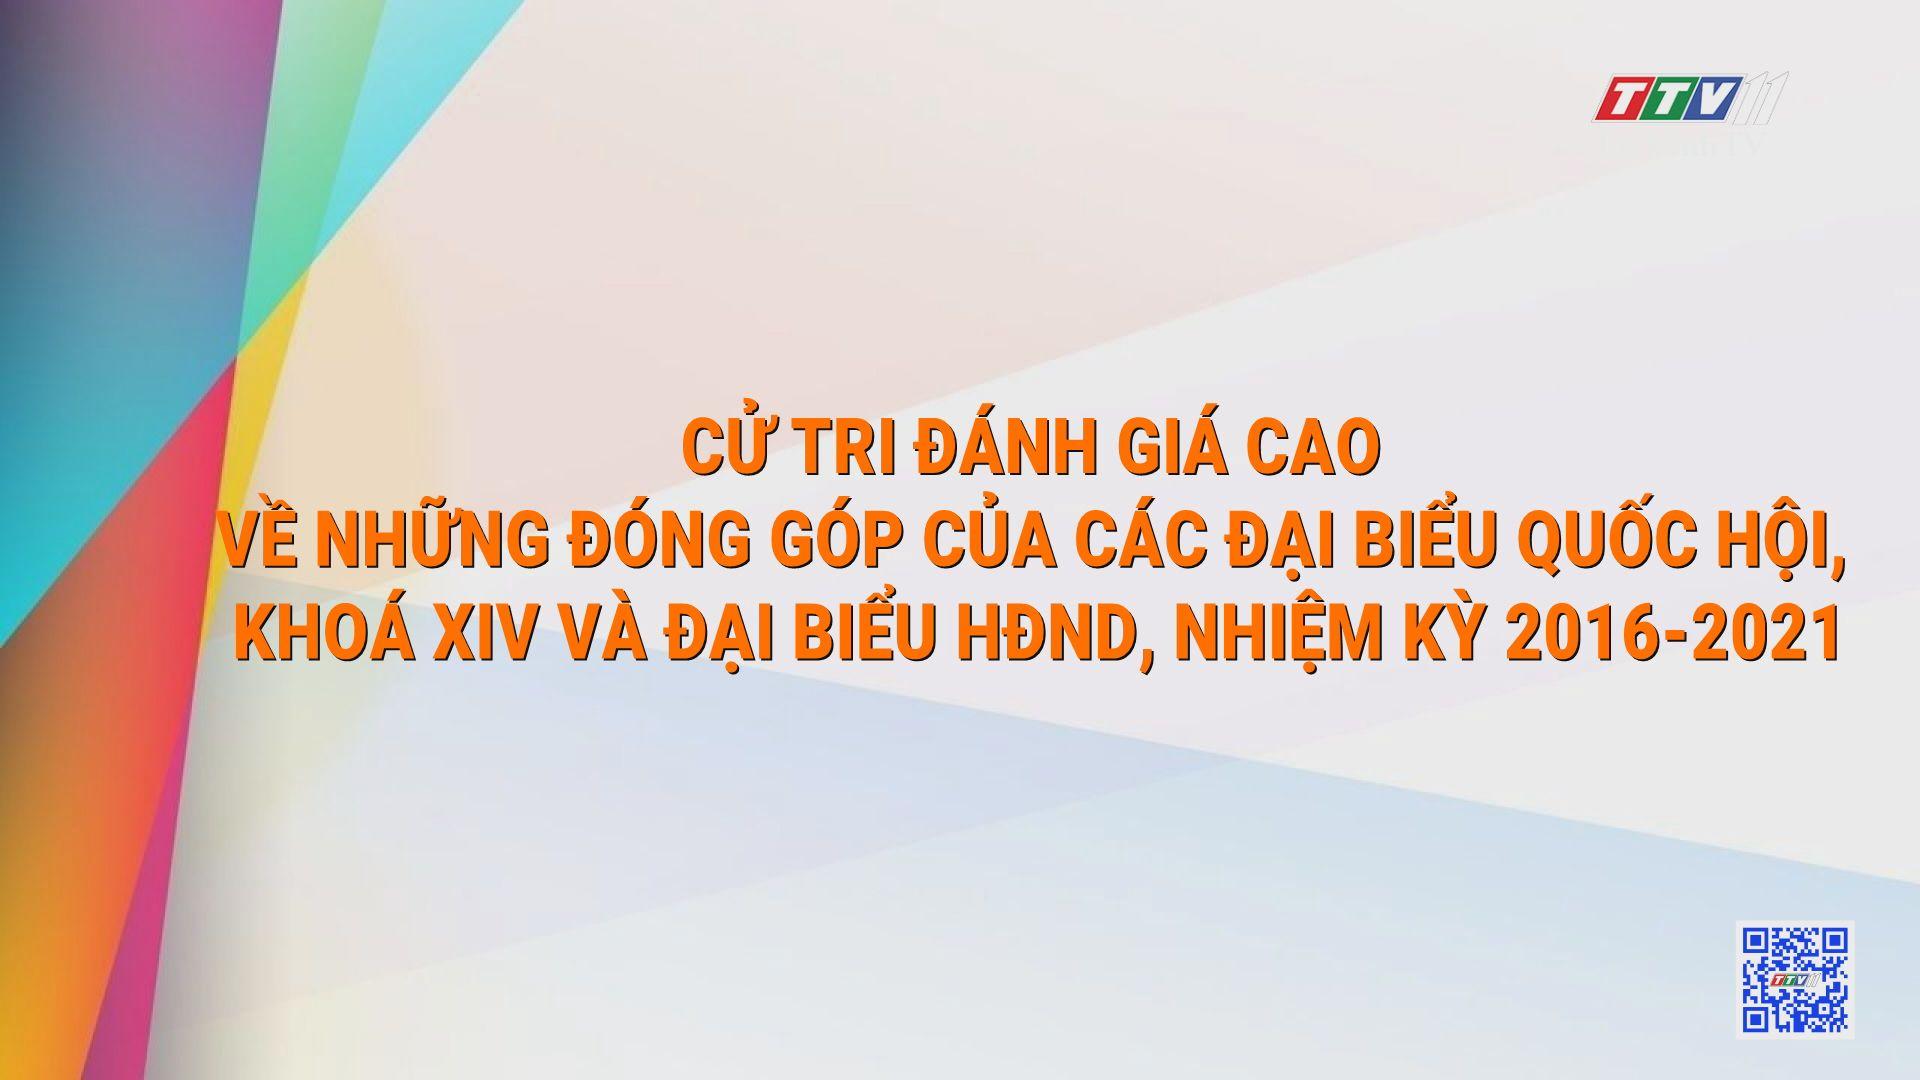 Cử tri đánh giá cao về những đóng góp của các đại biểu Quốc hội khóa XIV và đại biểu HĐND nhiệm kỳ 2016-2021 | TayNinhTV